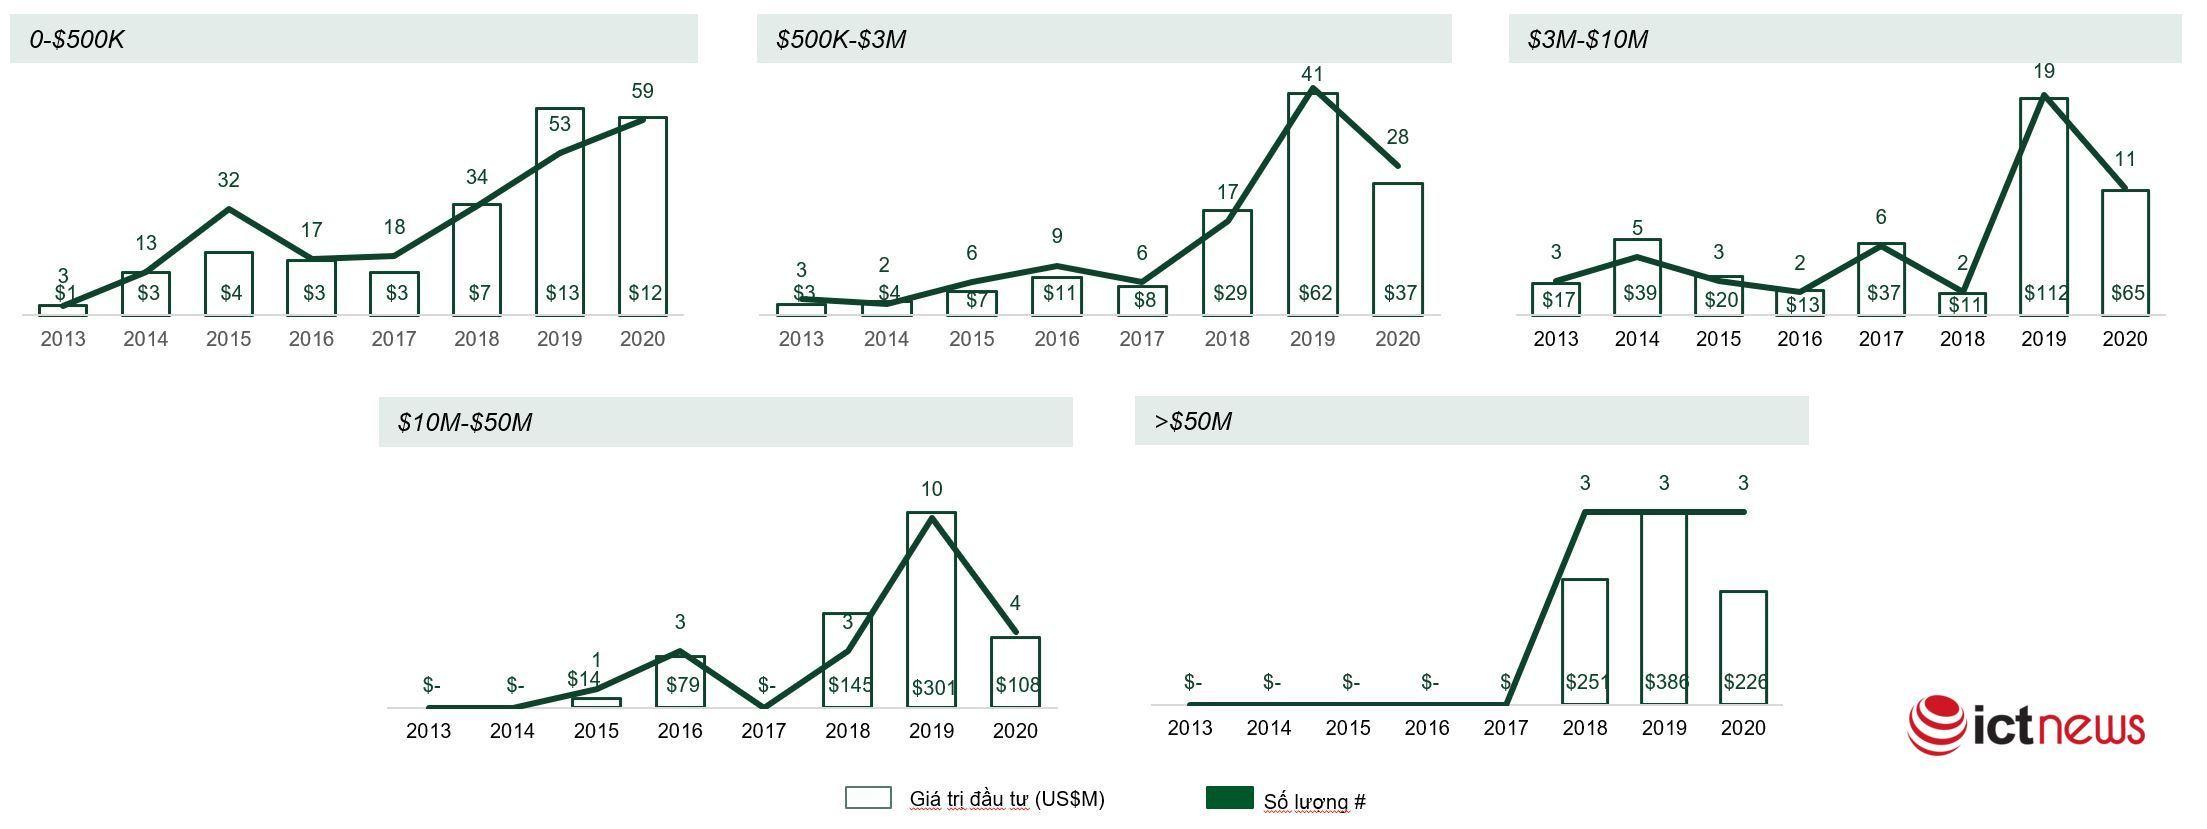 Đầu tư mạo hiểm ở Việt Nam có thể vượt mốc 1 tỷ USD trong năm 2021